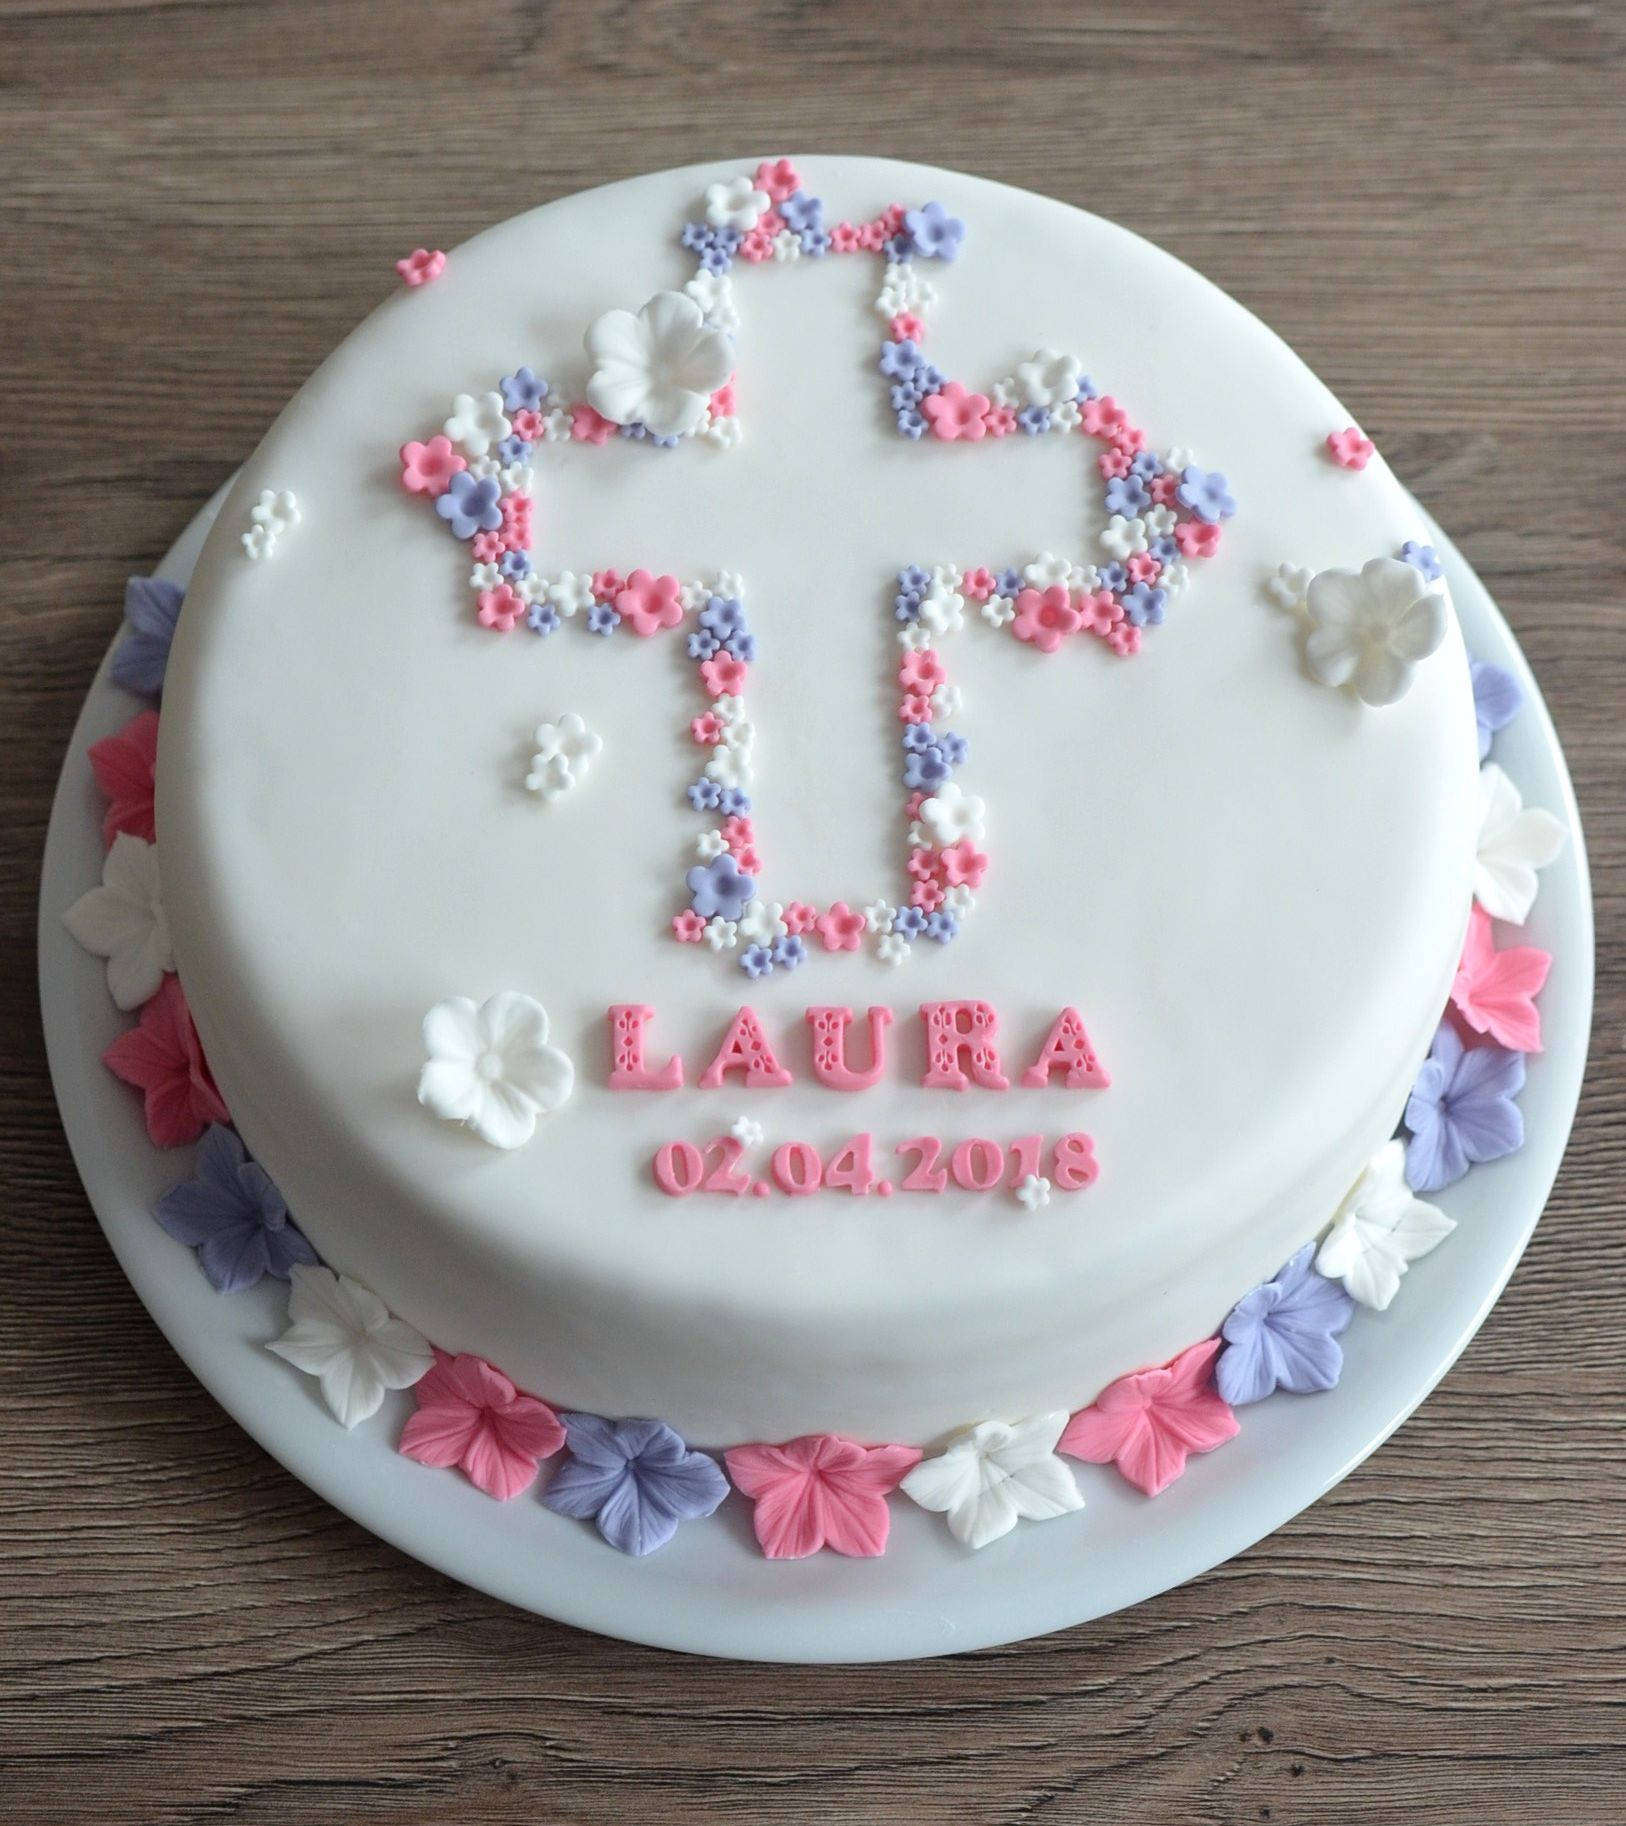 Tauftorte Madchen Mit Blumen Christening Cake Girls Melina S